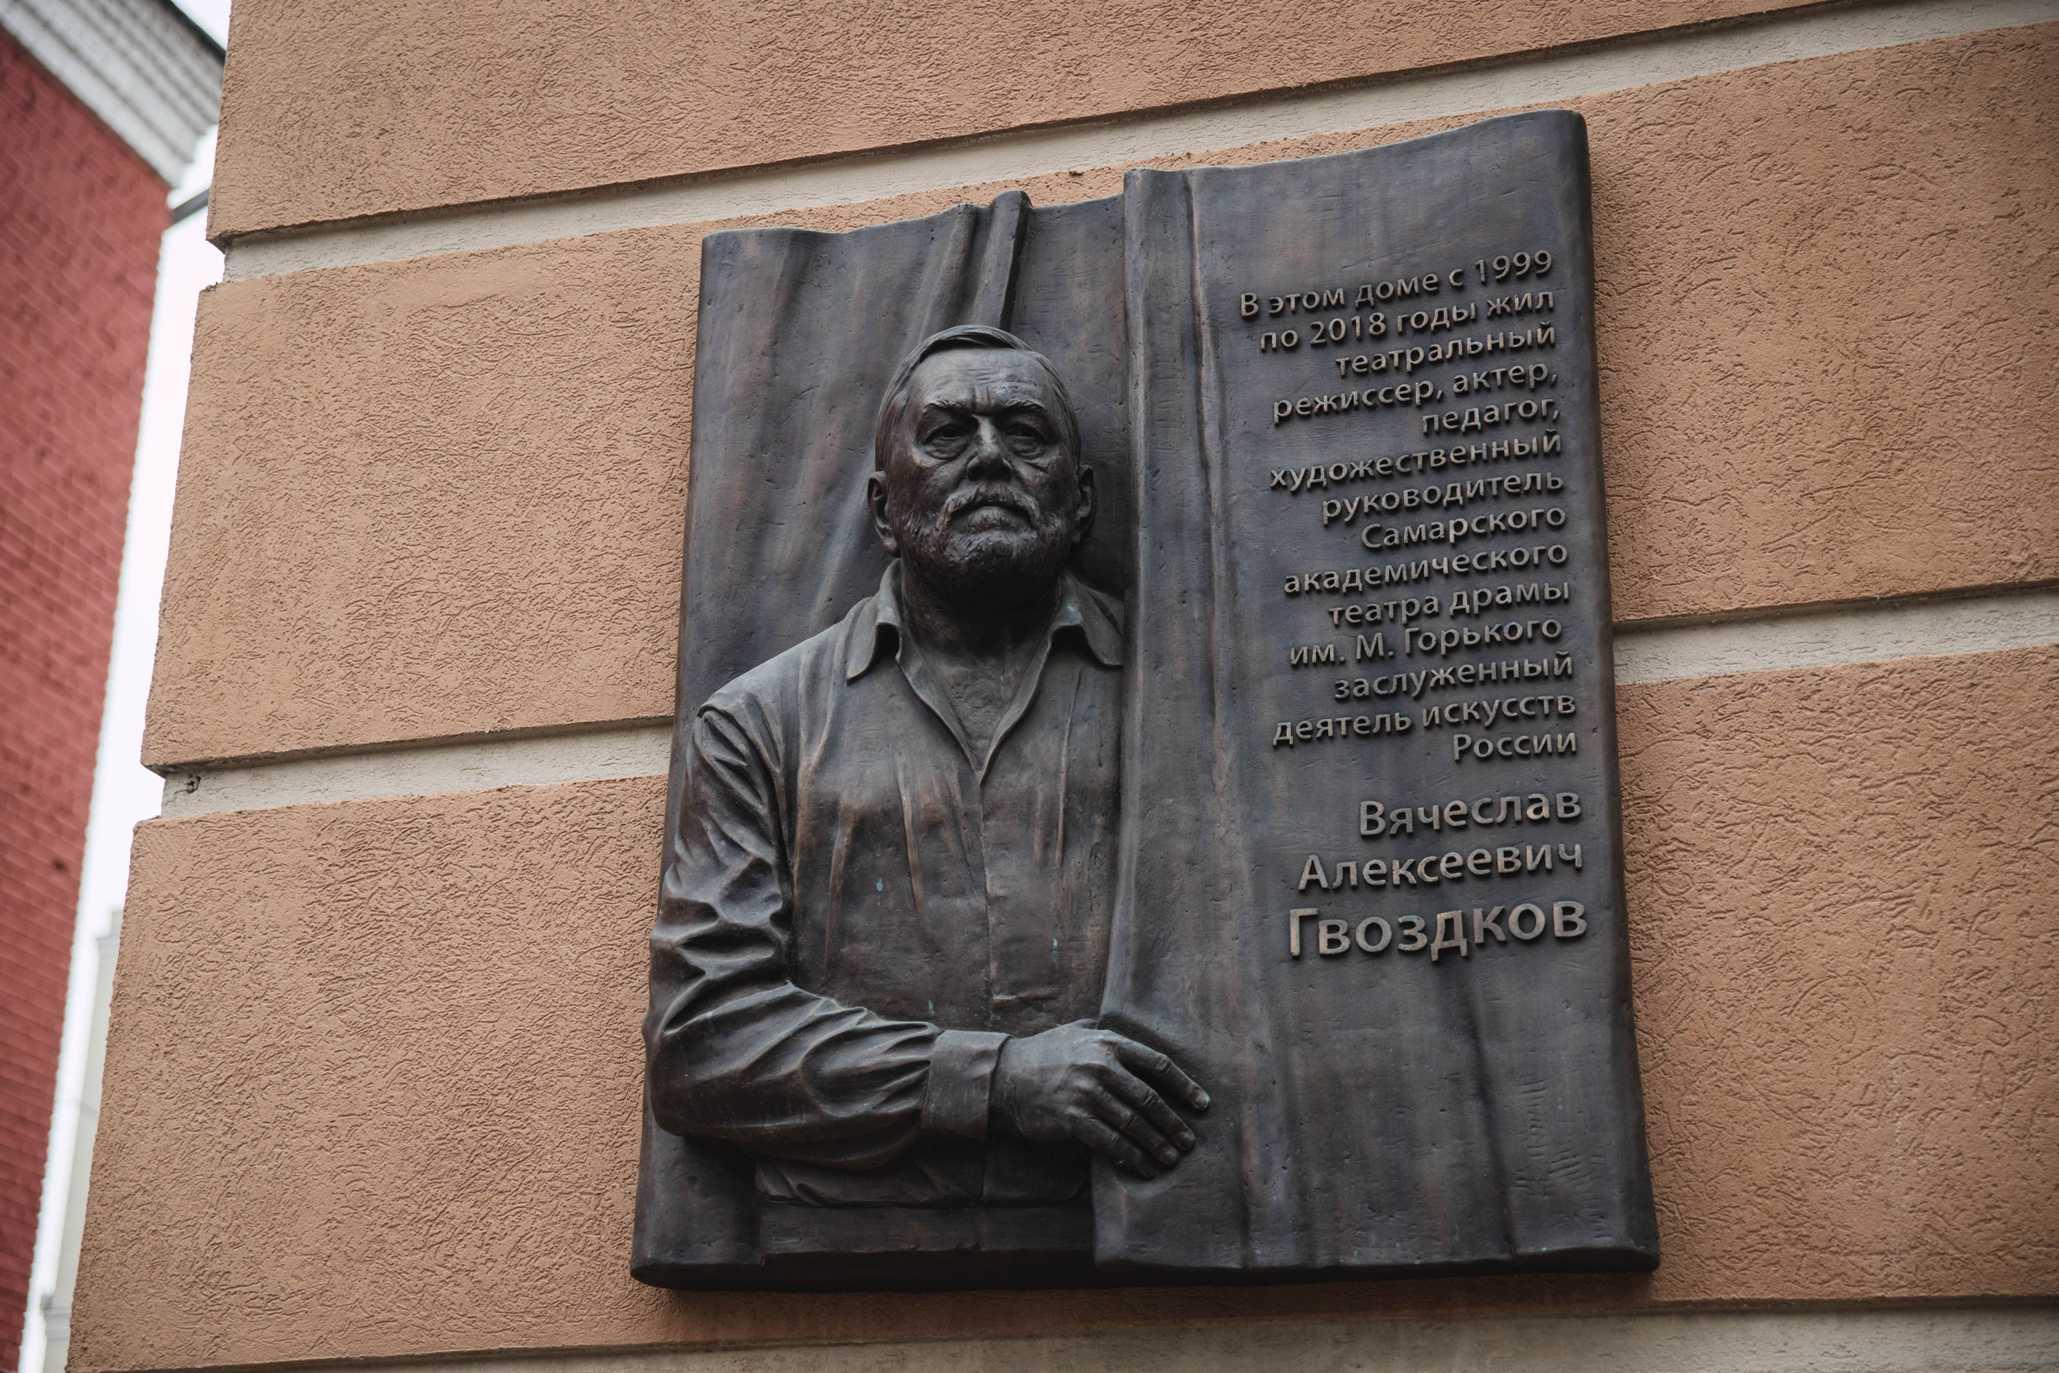 Мемориальная доска Гвоздкову